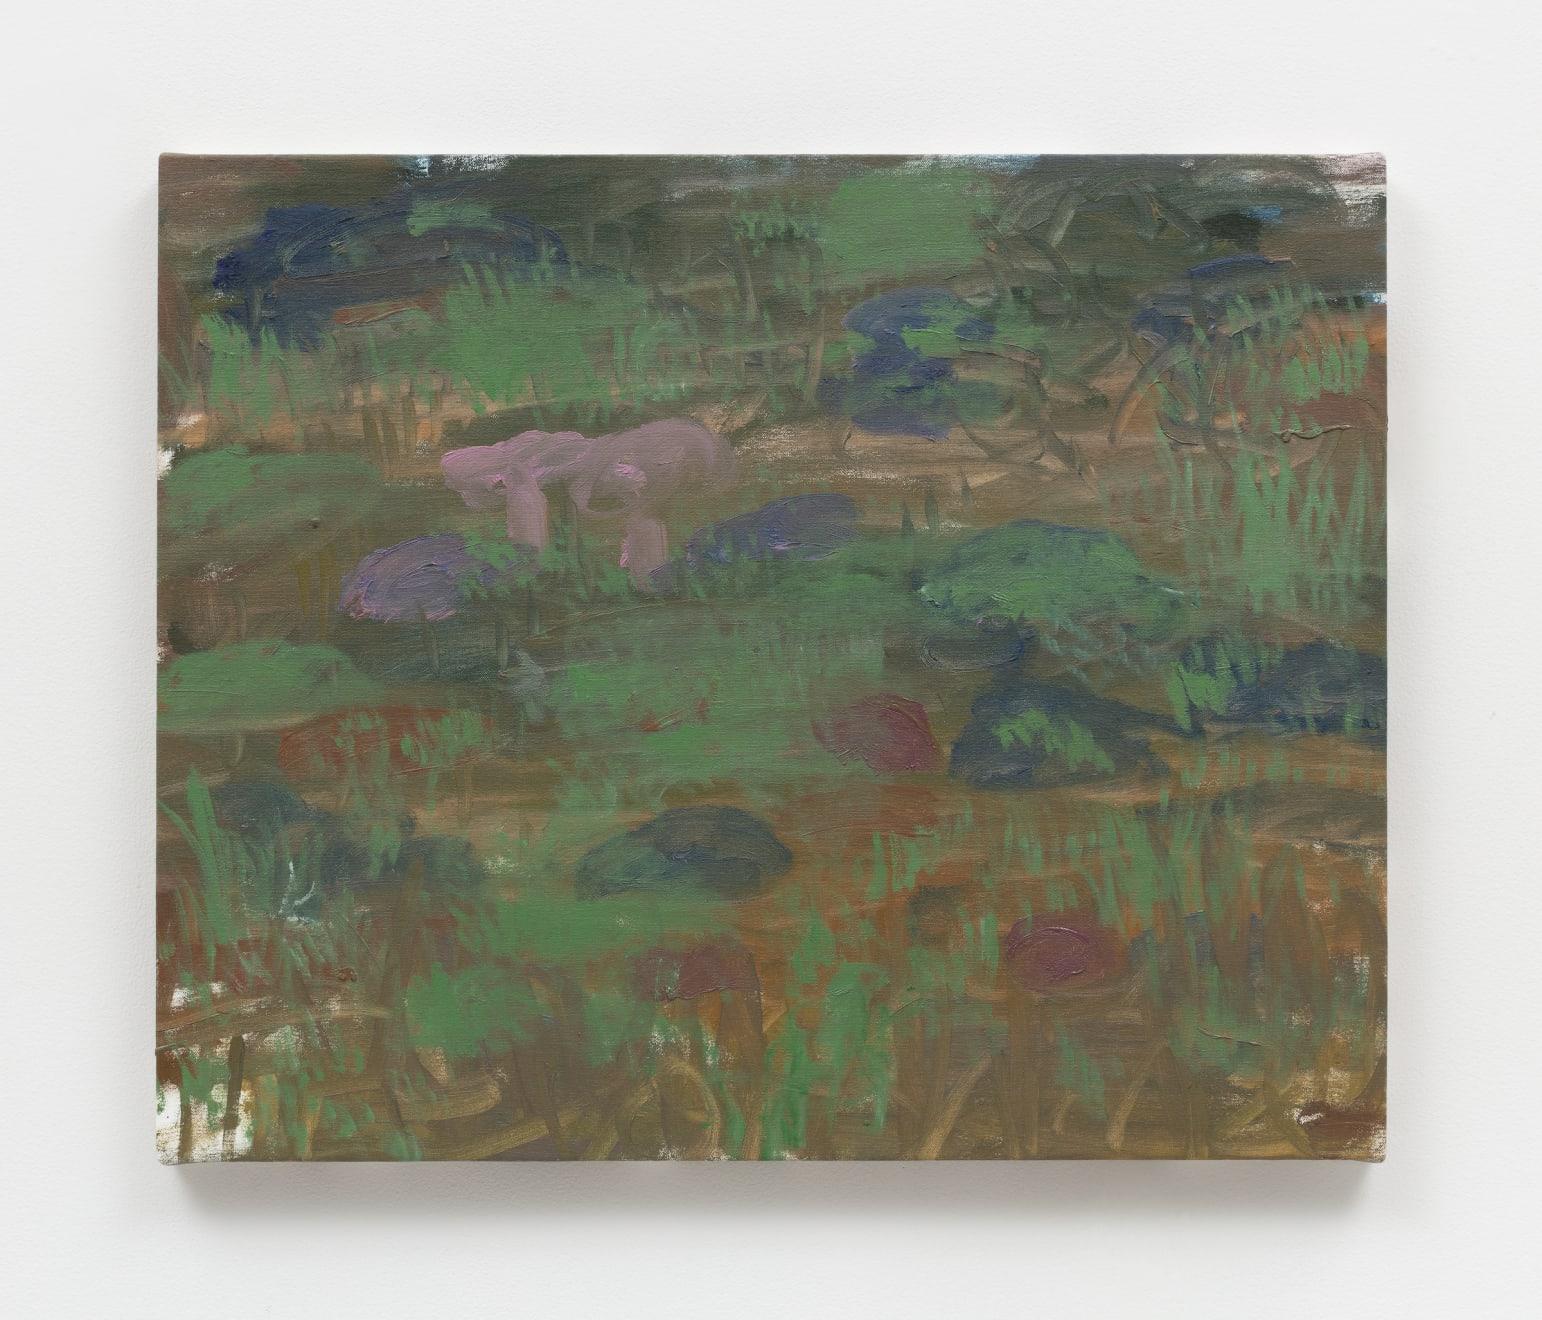 Trevor Shimizu, Moss (1), 2019